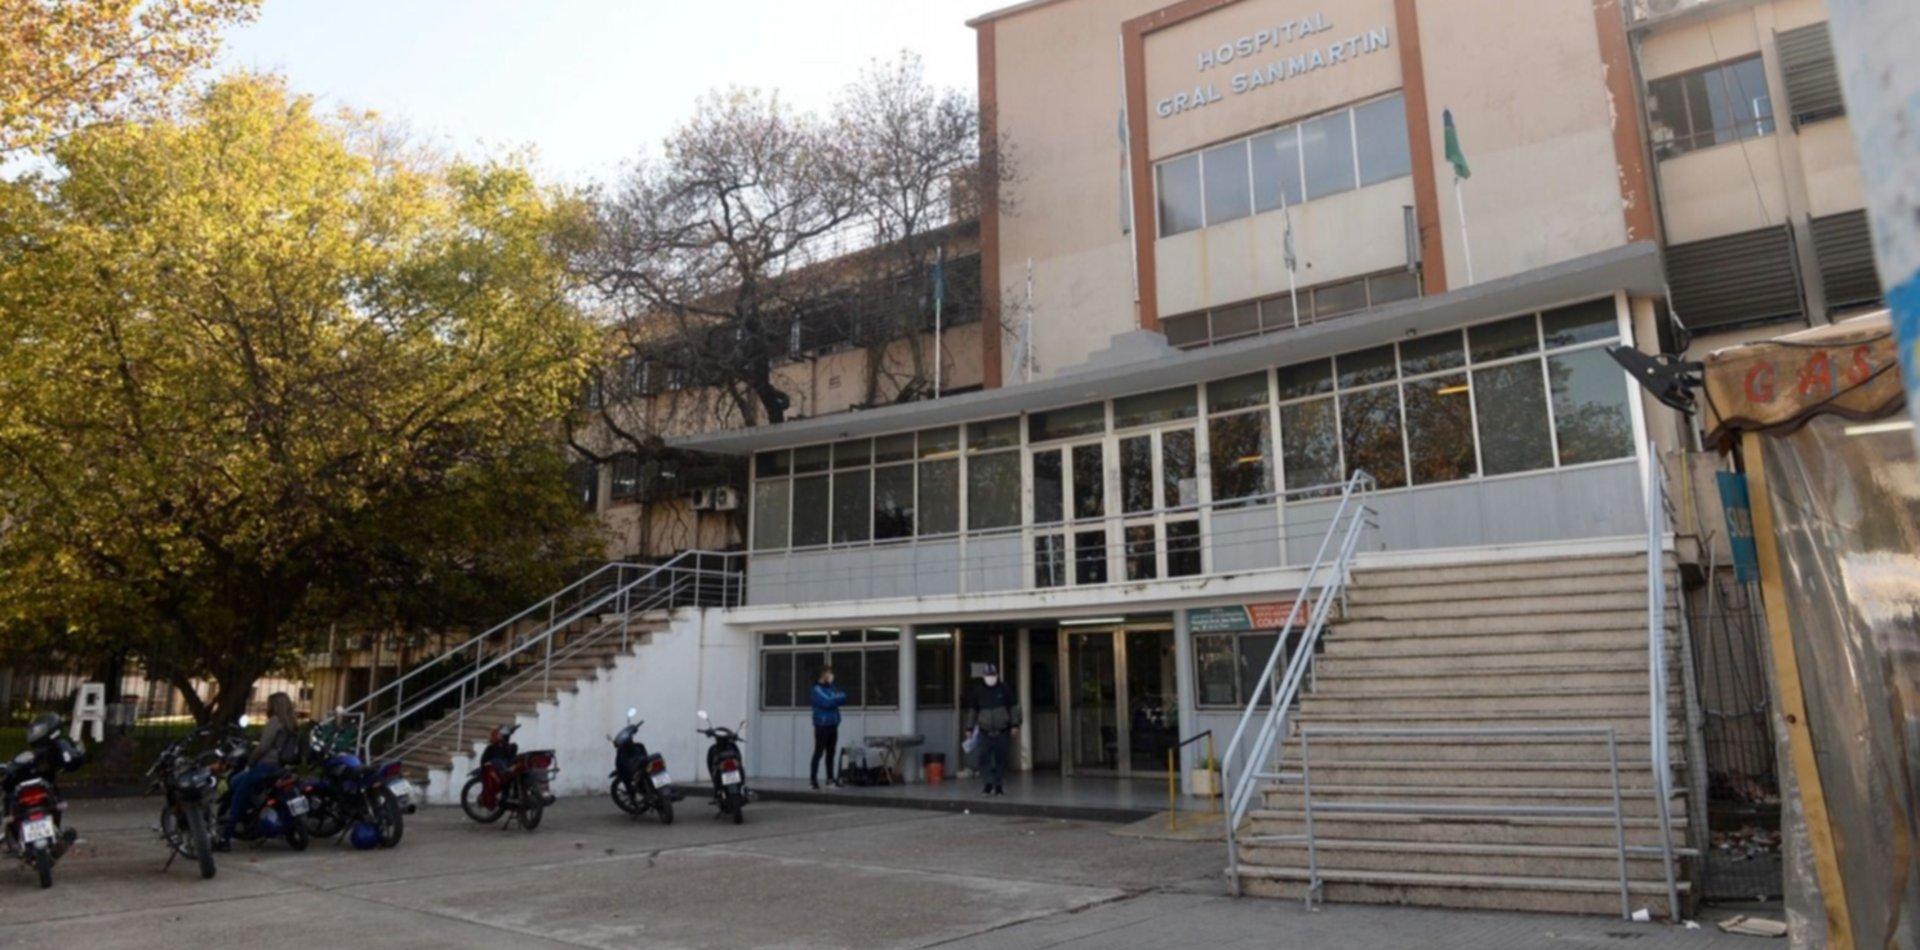 Brutal pelea familiar en La Plata: discutió con el tío, le dispararon y terminó internado